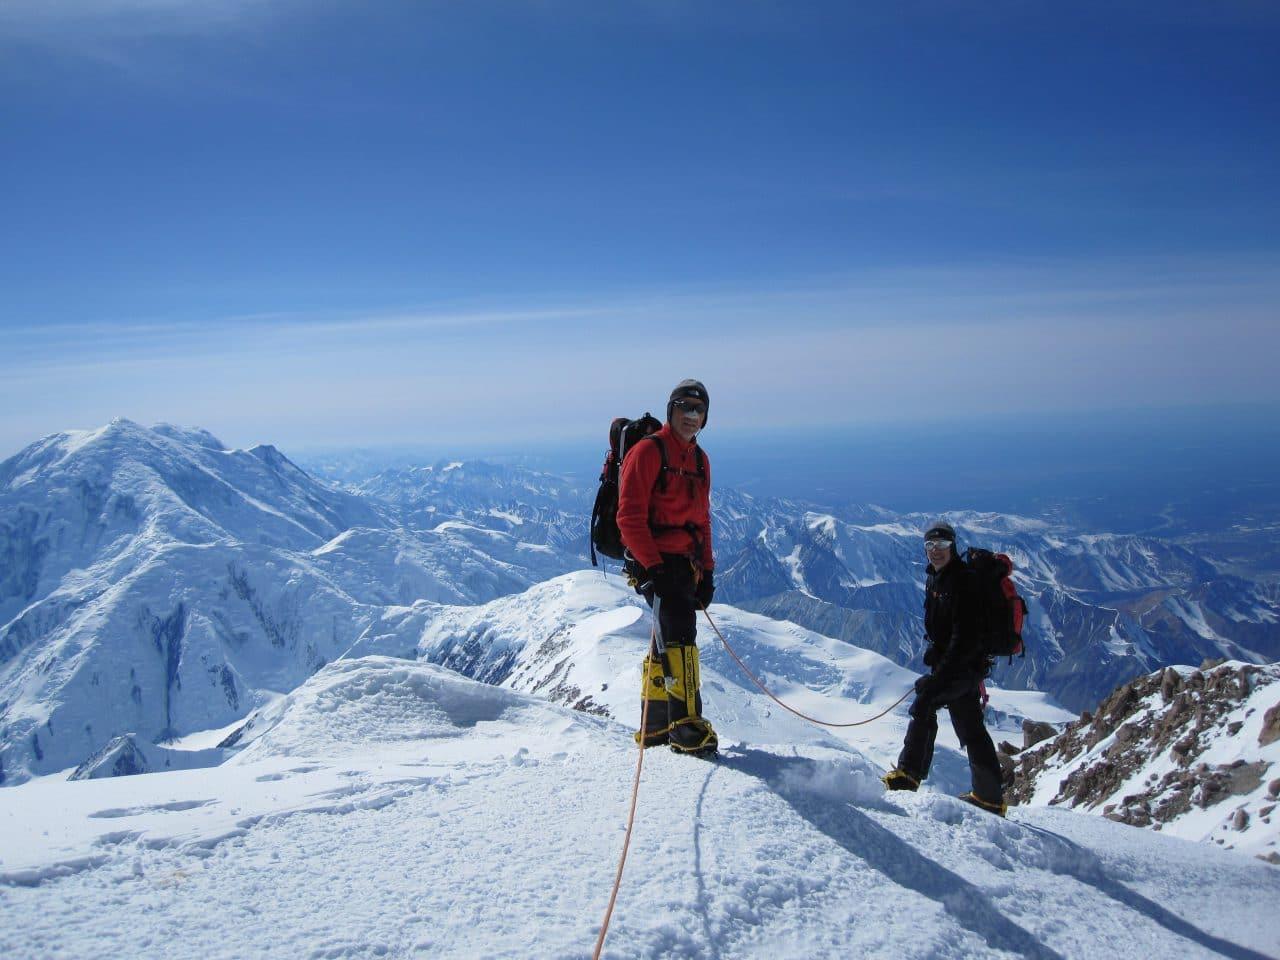 Helyum_Xavier-Carrard_Guide-de-montagne_Expedition_Alaska_Denali_Camp-5_arete_Didier-Genecand_Bernard-Girod